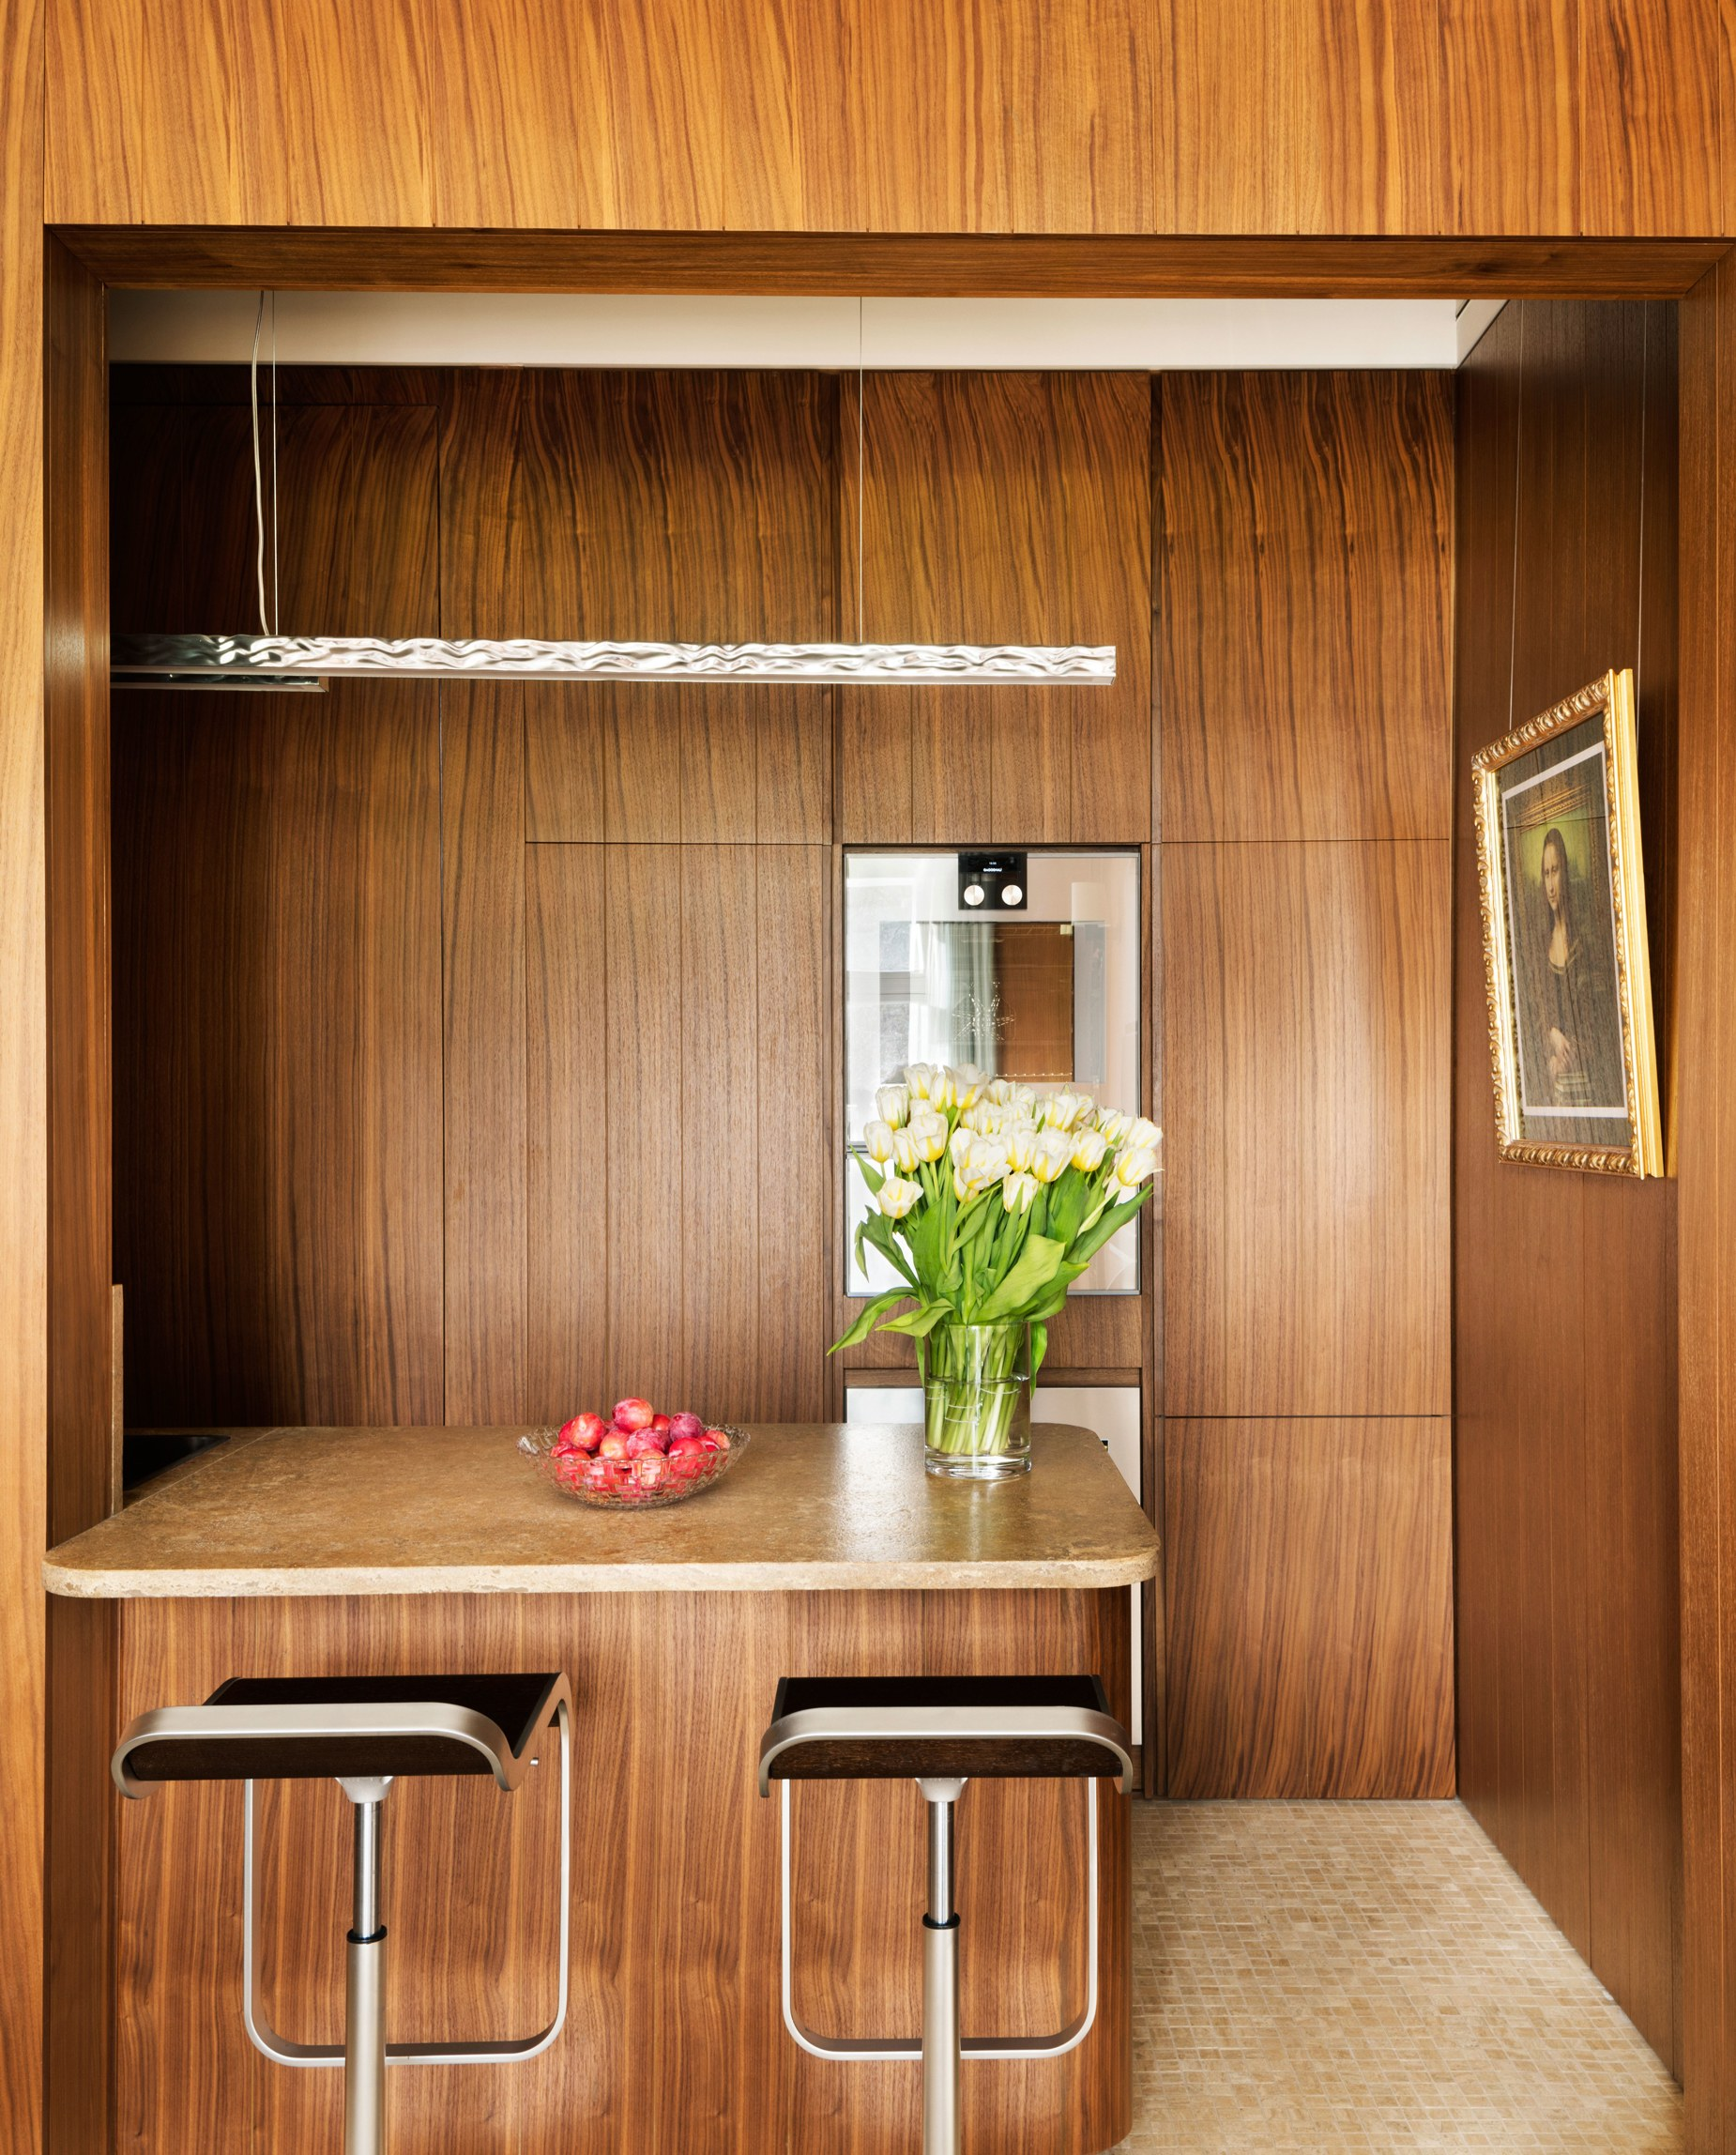 A great Modern home design by Chakib Richani modern home A great Modern home design by Chakib Richani london chakib richani house tour AD 03